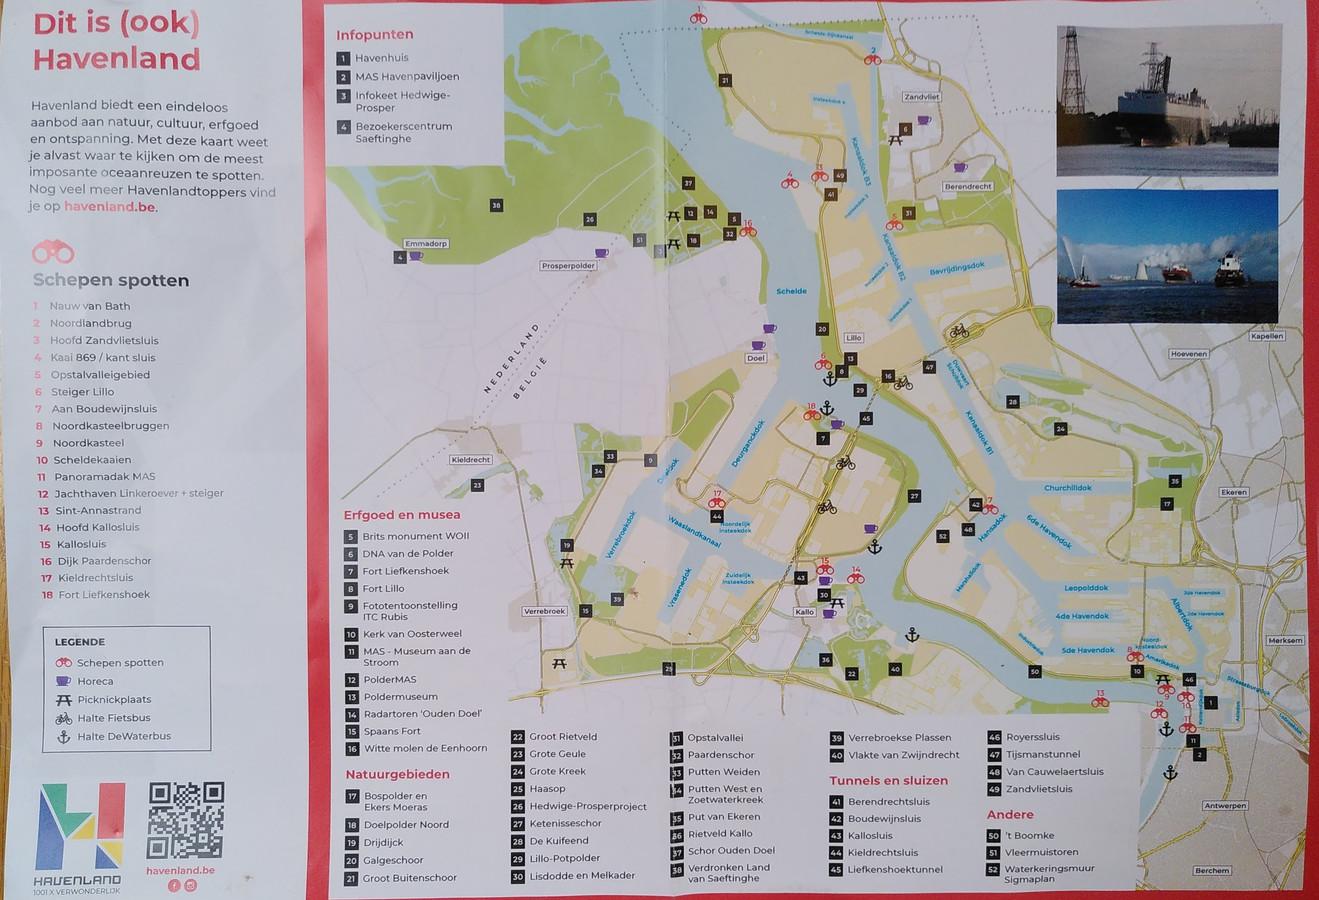 De kaart van de Havenlandrun, Doel is een grote blinde vlek op de kaart.